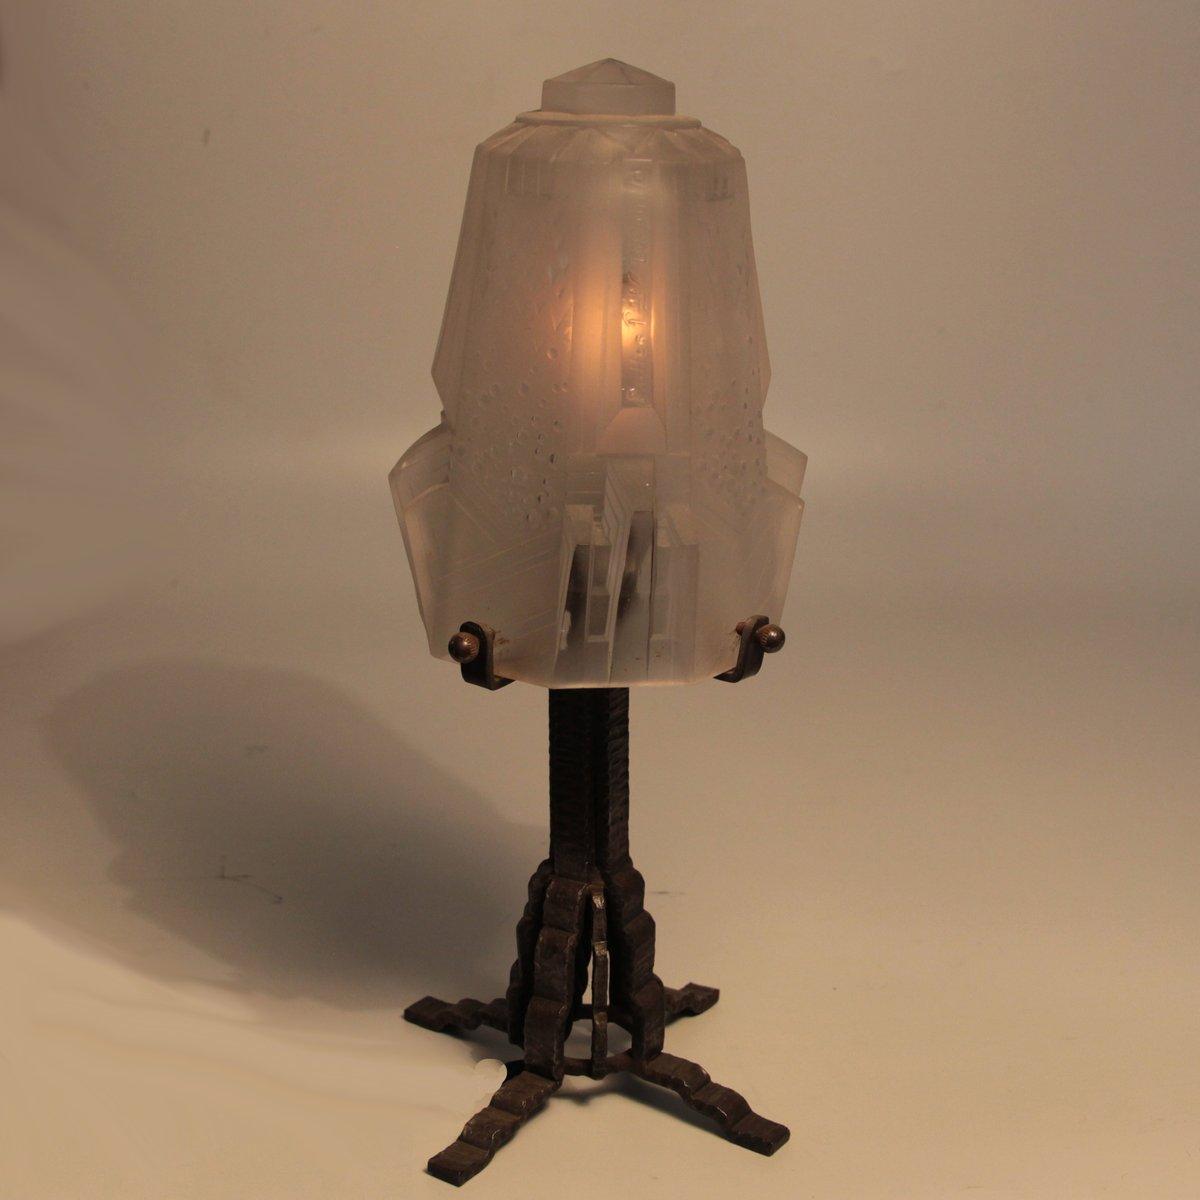 lampe de bureau vintage art d co de muller fr res lun ville france en vente sur pamono. Black Bedroom Furniture Sets. Home Design Ideas